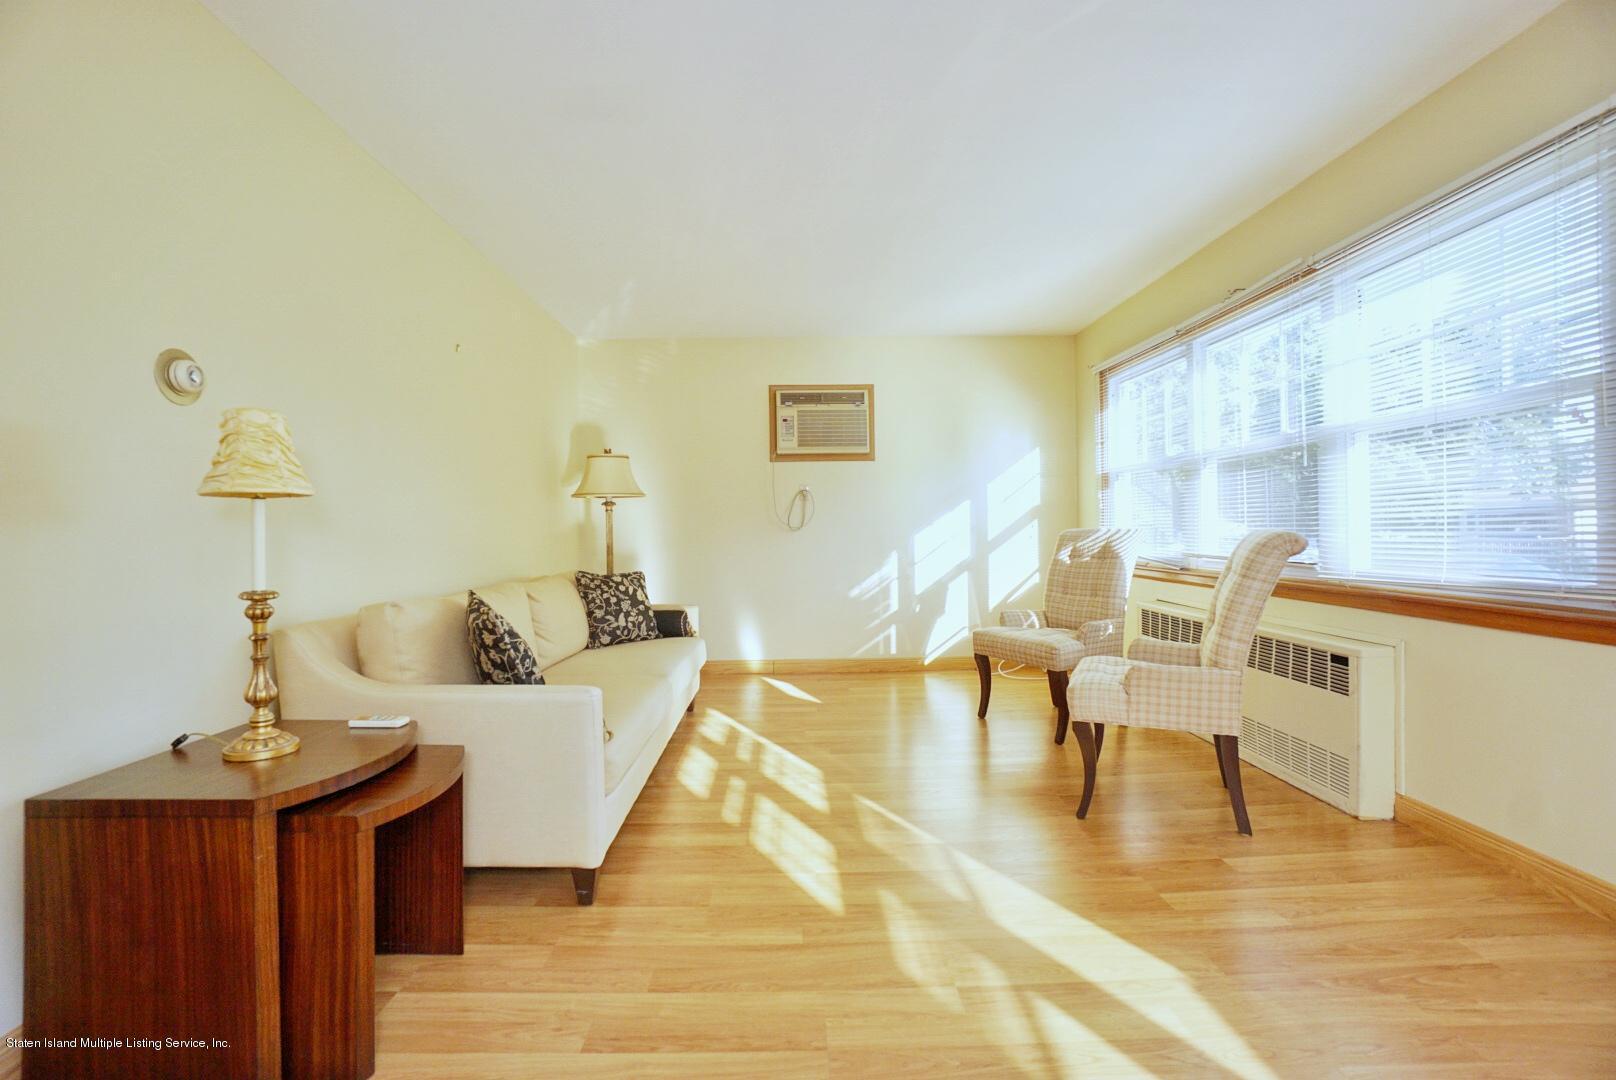 Single Family - Detached 215 Fairbanks Avenue  Staten Island, NY 10306, MLS-1138817-6